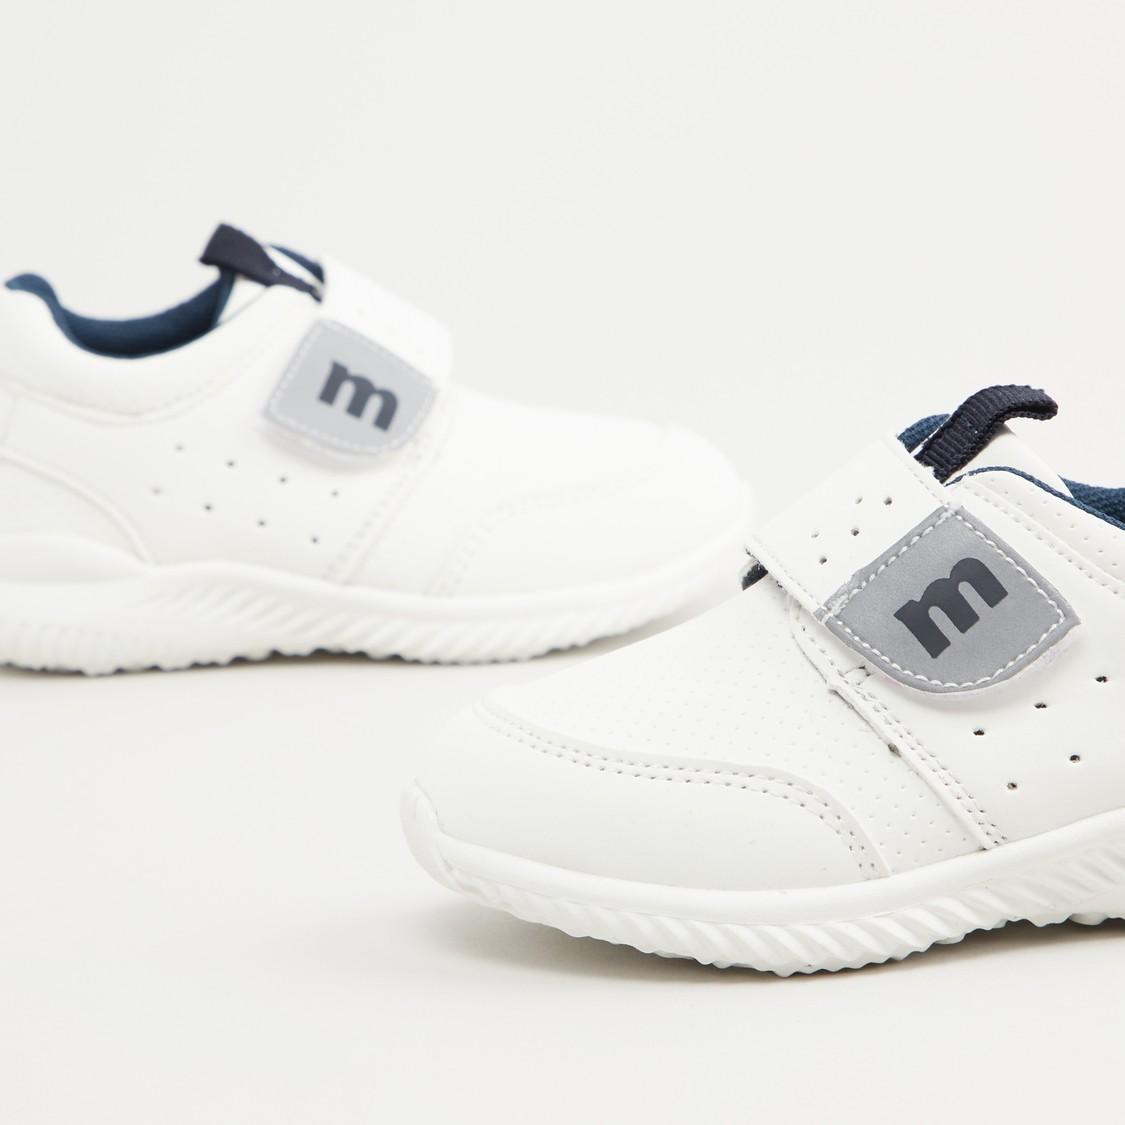 حذاء بكاحل منخفض مثقّب بخطّاف وحلقة إغلاق